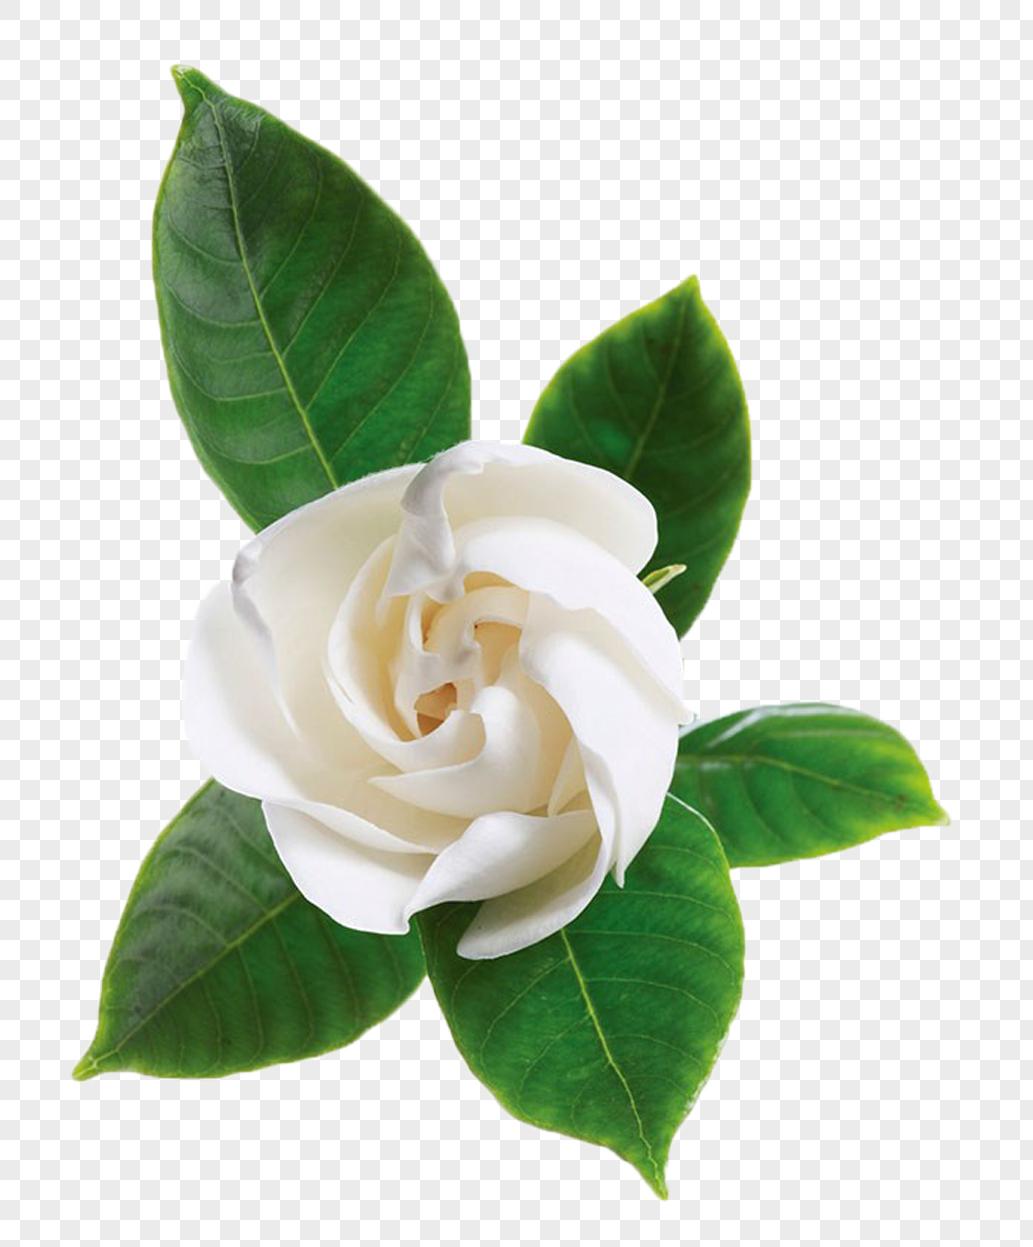 ดอกมะลิ: ดอกมะลิสีขาวหมายเลขดาวน์โหลดภาพ400704861_ขนาด20 M_รูปแบบ